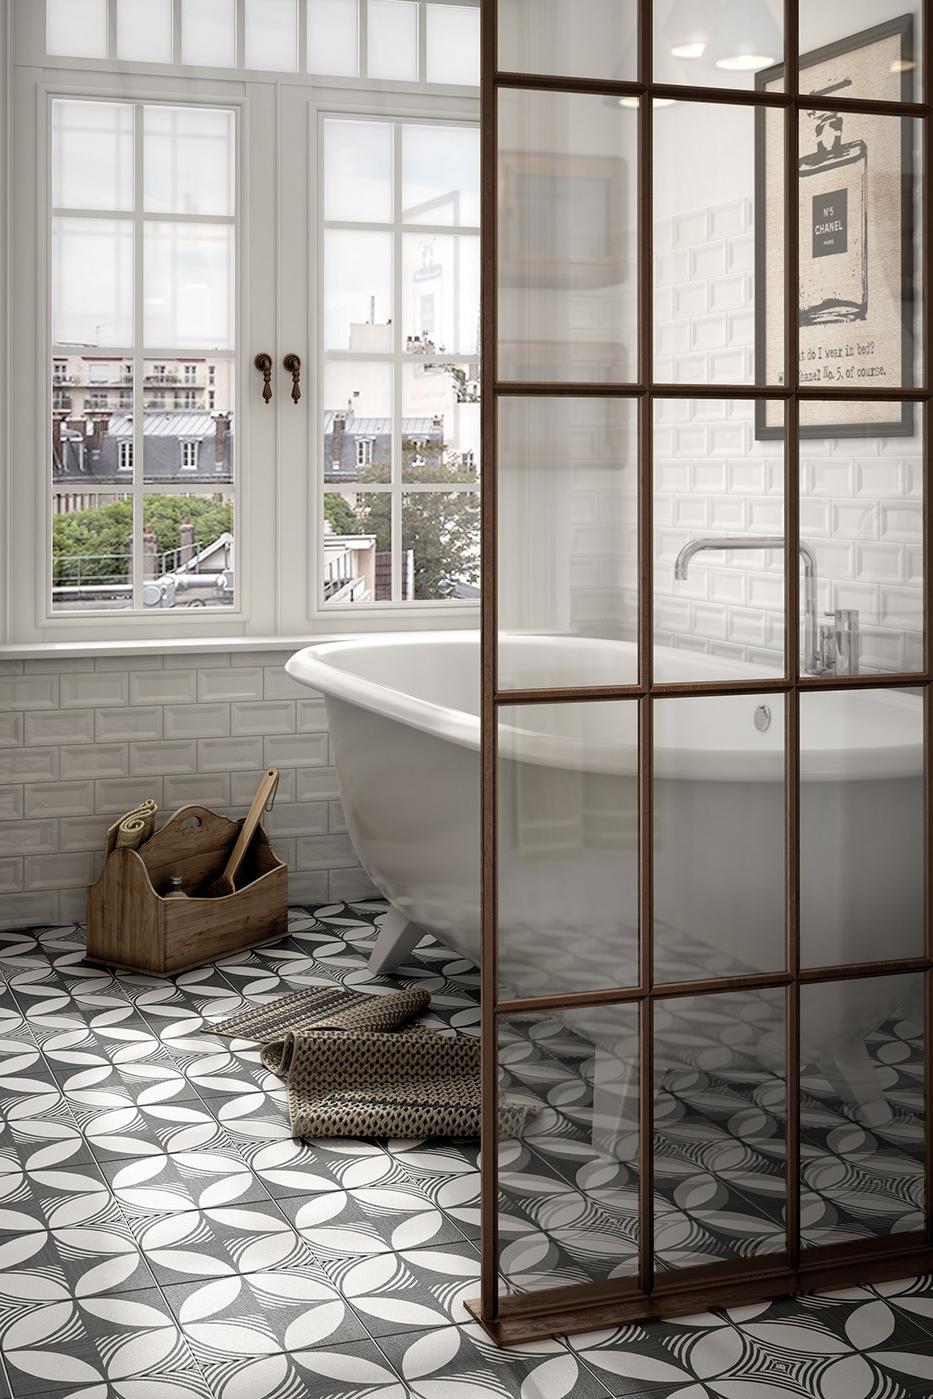 Landelijk Badkamer Met Industriele Accenten De Vloer Krijgt Een Speelse Uitstraling Door Gebruik Van Wit Grij Landelijke Badkamer Vloertegel Patronen Badkamer